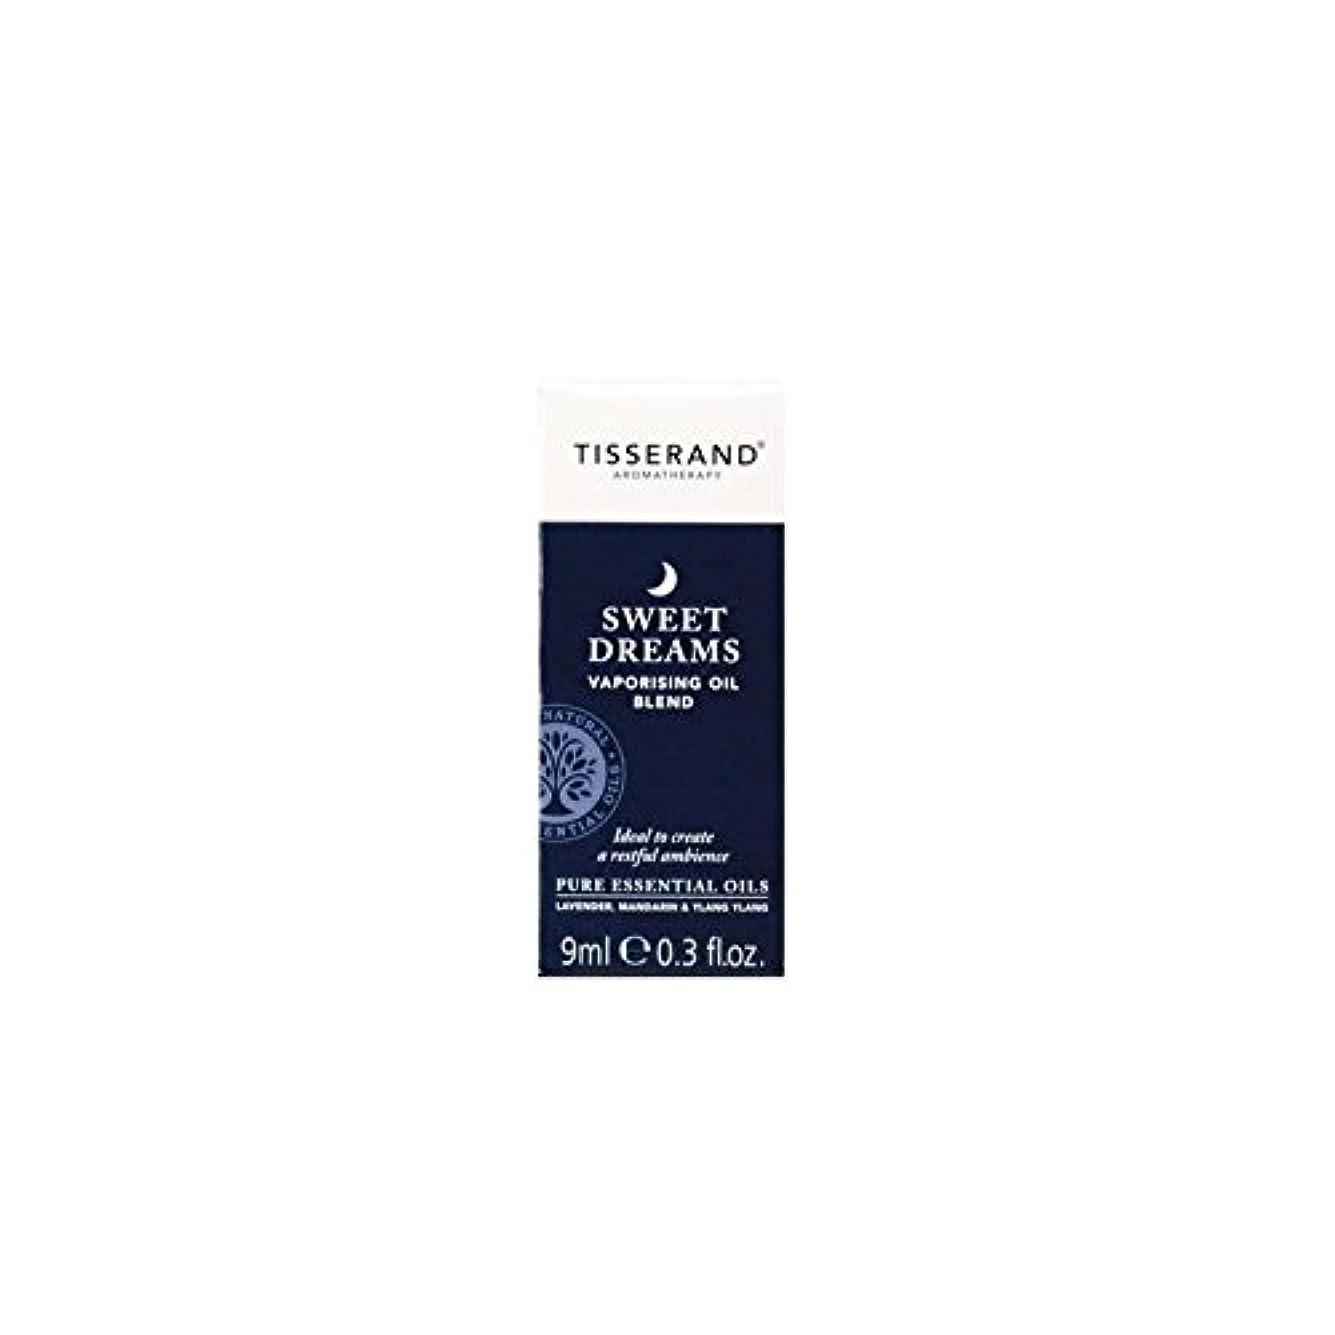 実行可能スクリューホテルオイル9ミリリットルを気化甘い夢 (Tisserand) (x 2) - Tisserand Sweet Dreams Vaporising Oil 9ml (Pack of 2) [並行輸入品]